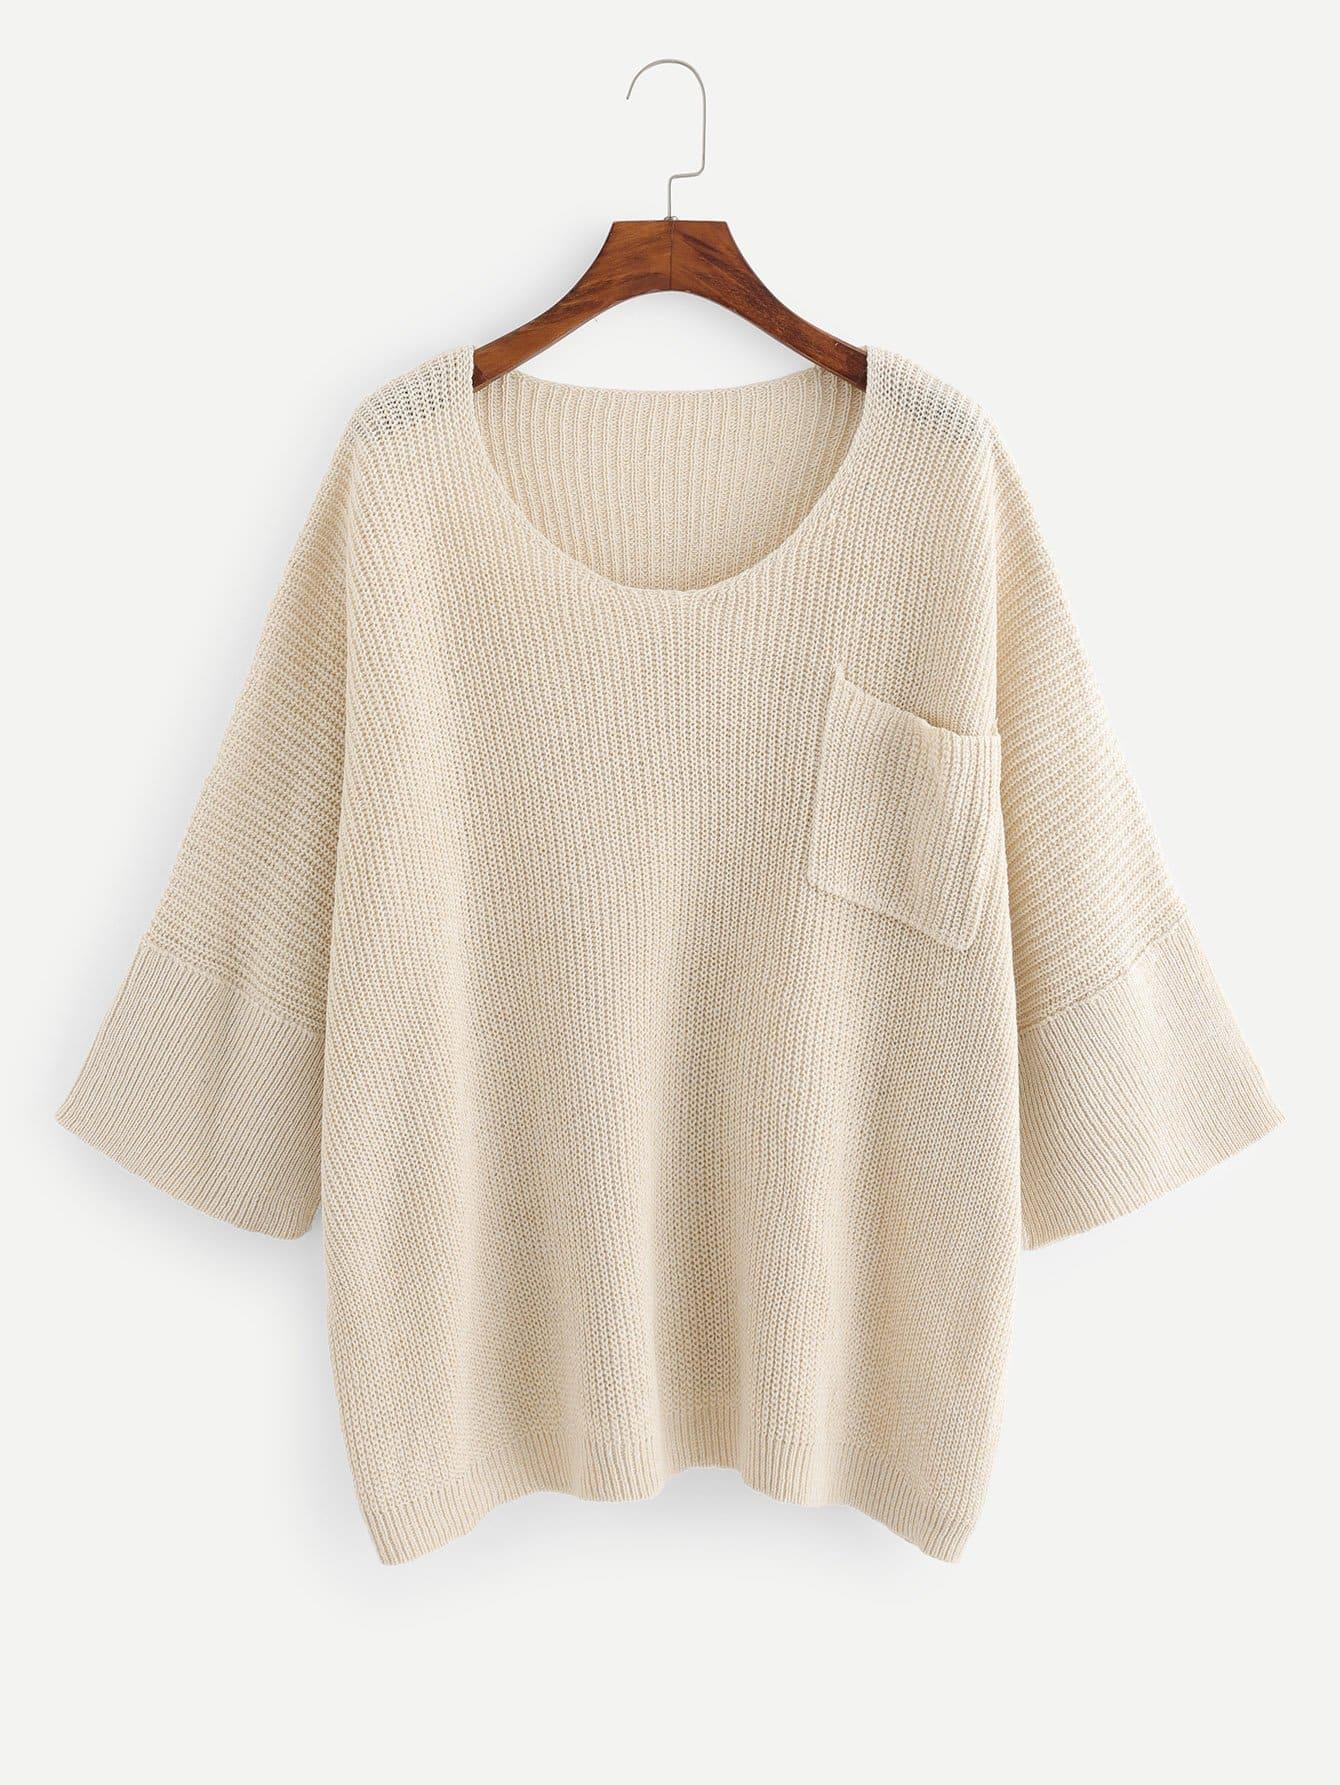 Купить Карманный патч-негабаритный свитер, null, SheIn